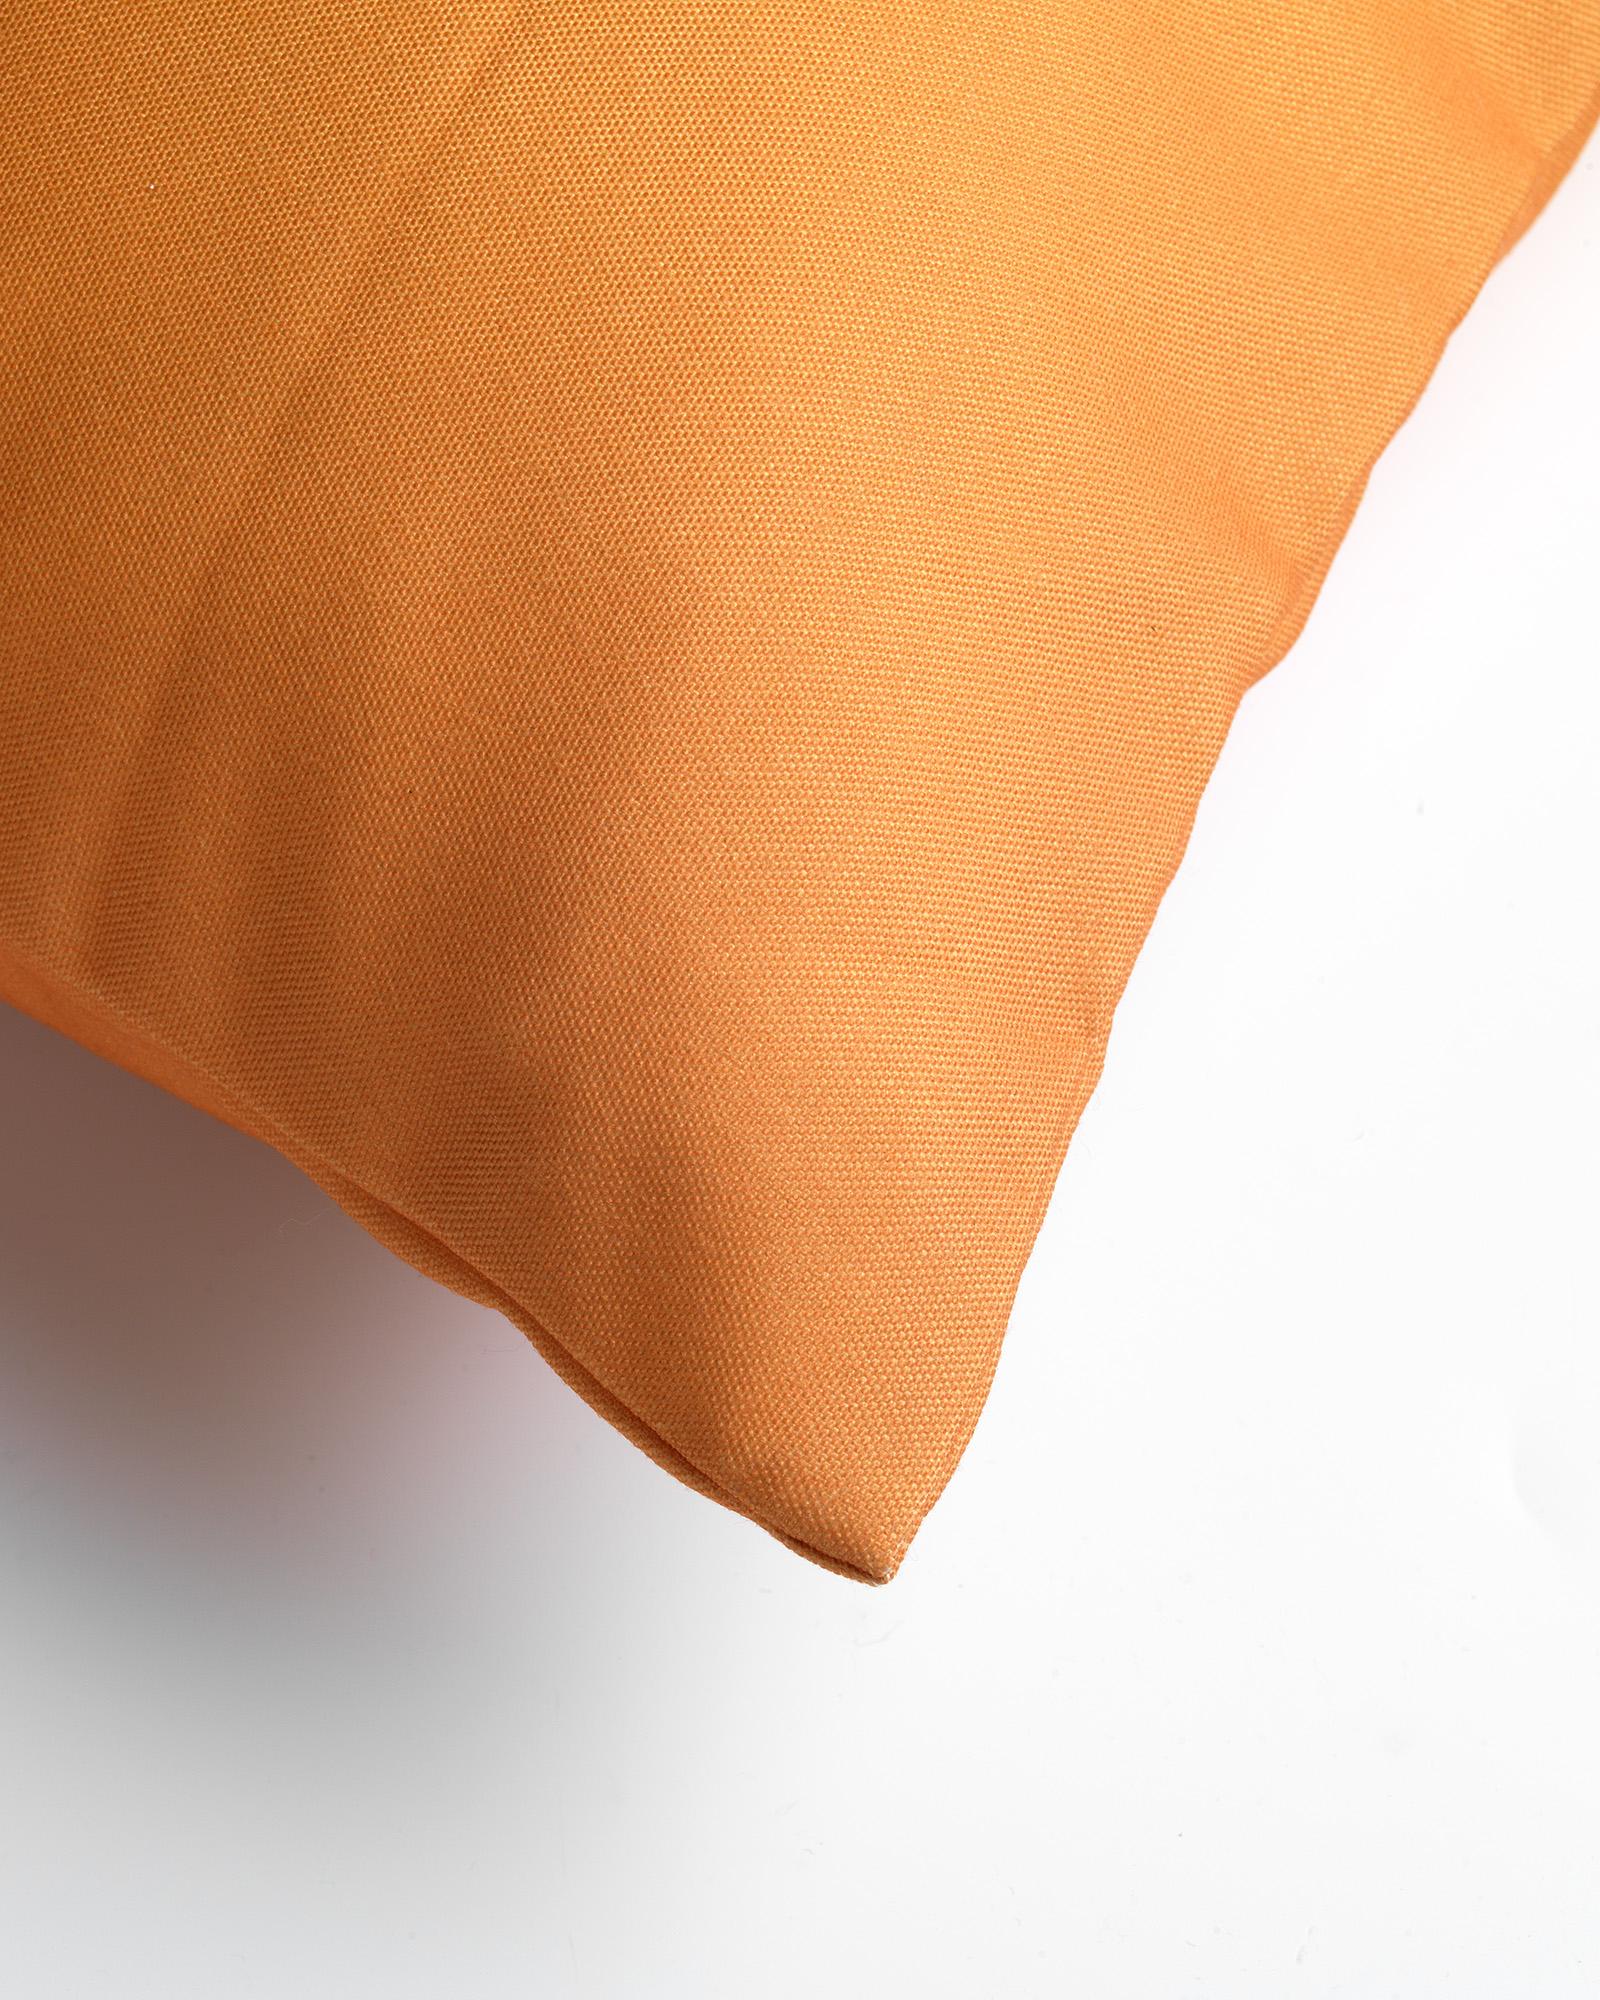 SANTORINI - Sierkussen outdoor Golden Glow 45x45 cm